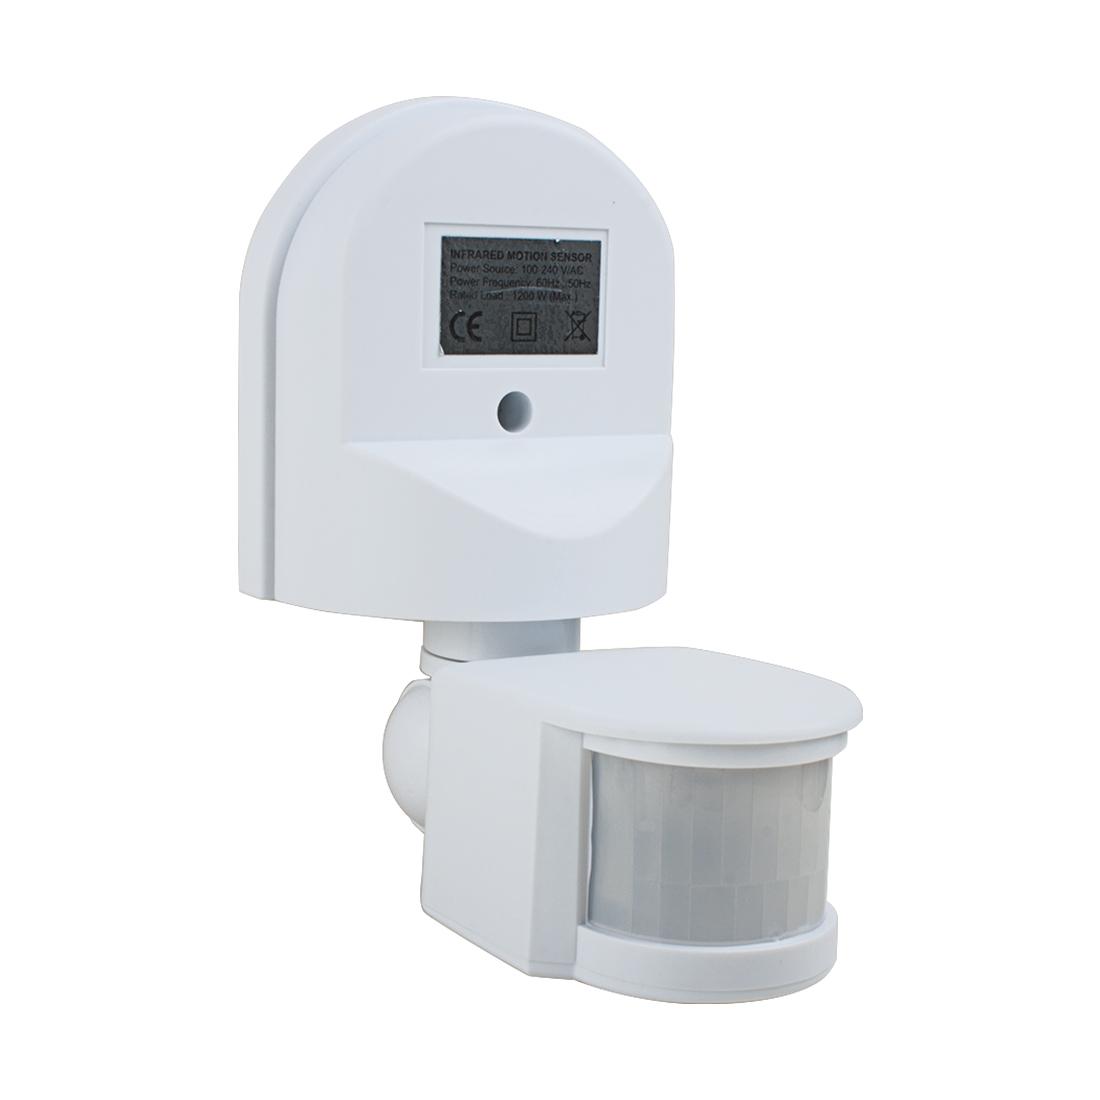 AC 110V-240V Outdoor Adjustable Infrared Body Motion PIR Sensor Detector Switch White